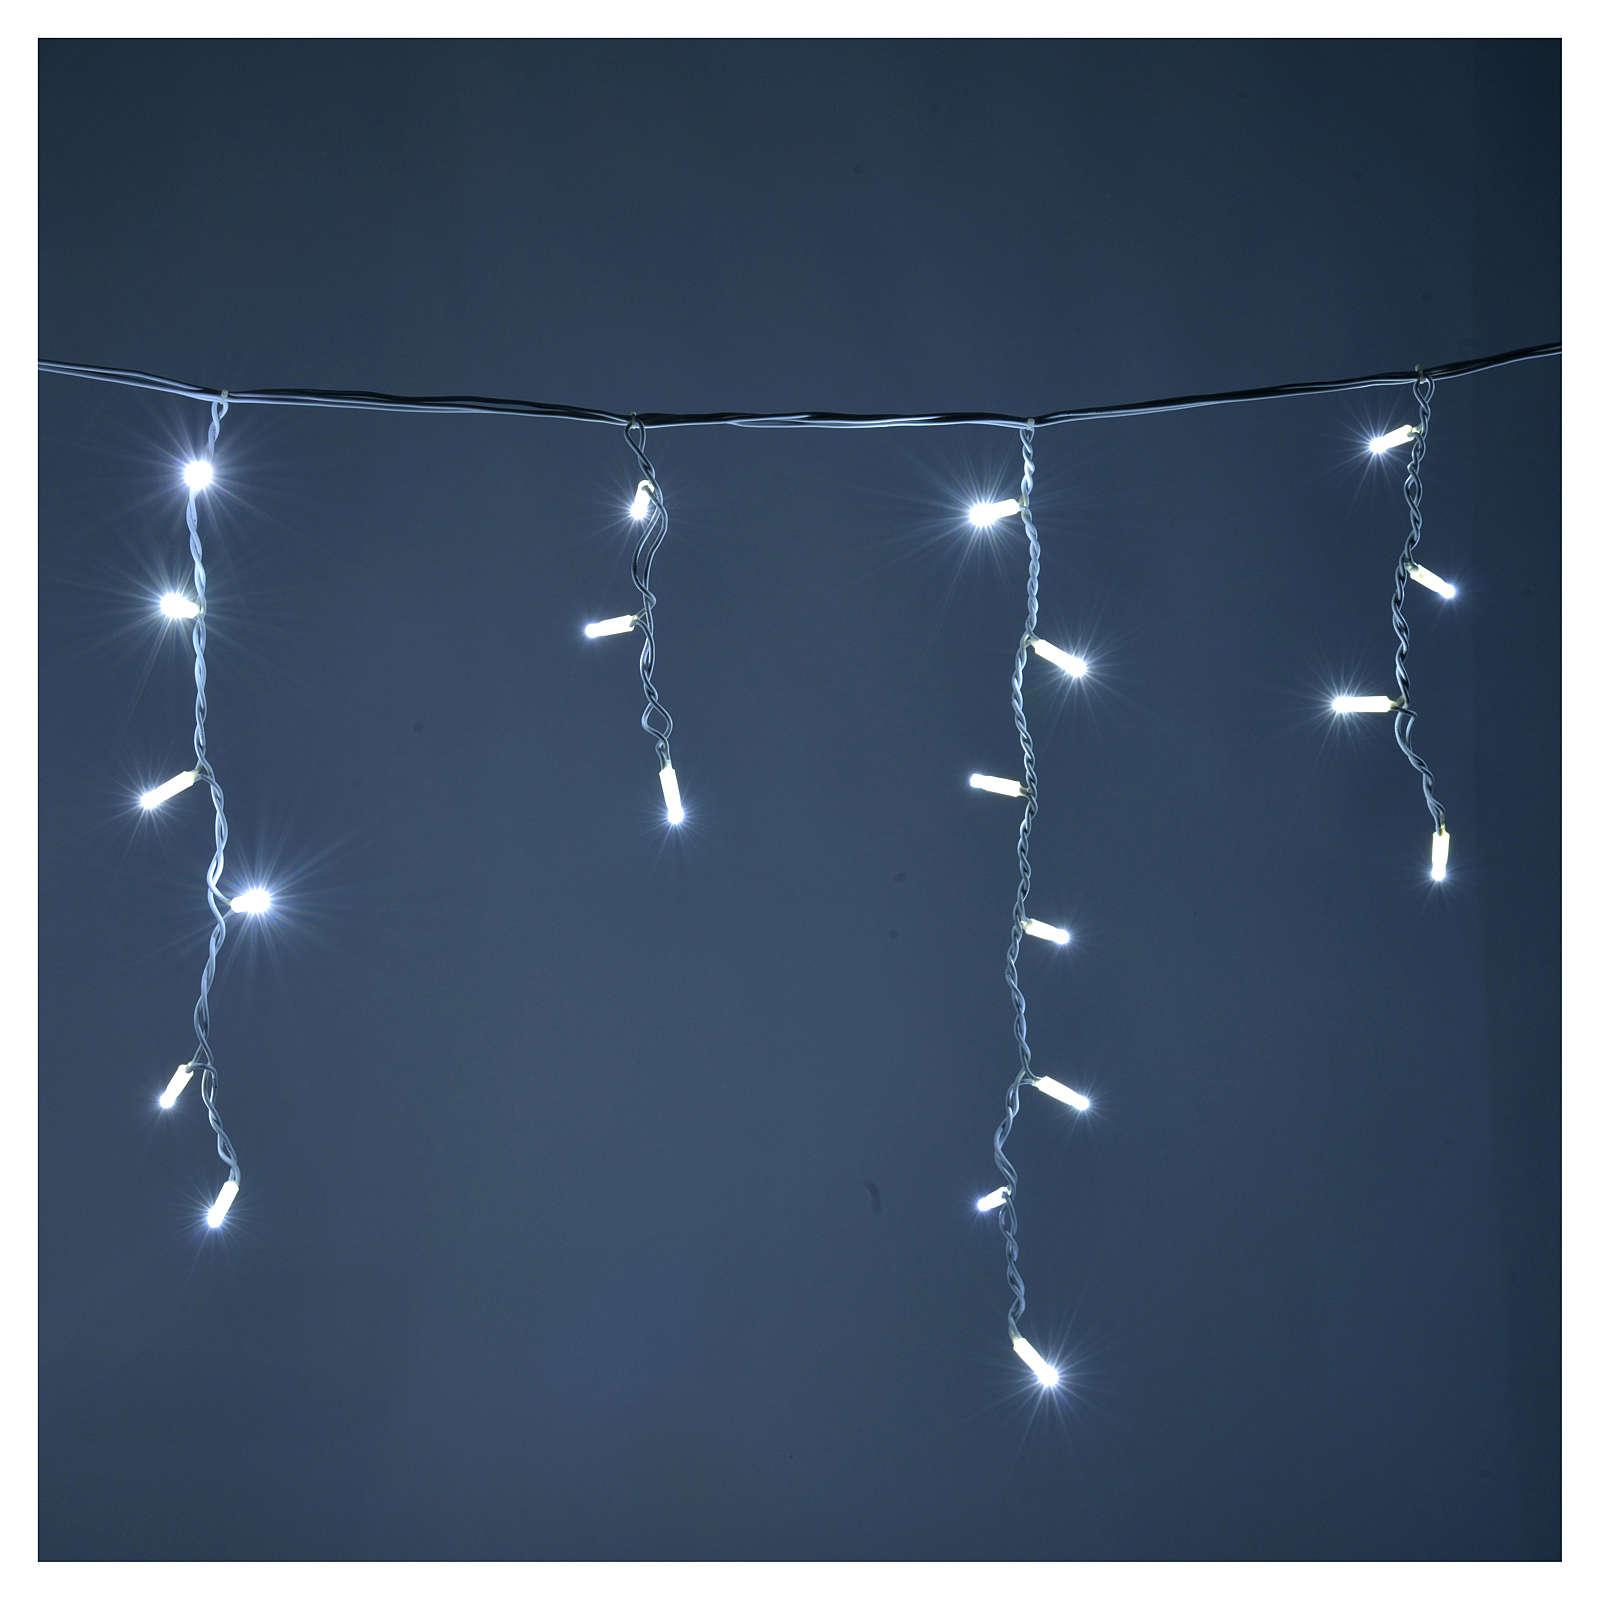 Éclairage Noël rideau lumineux 100 leds glace extérieur 3